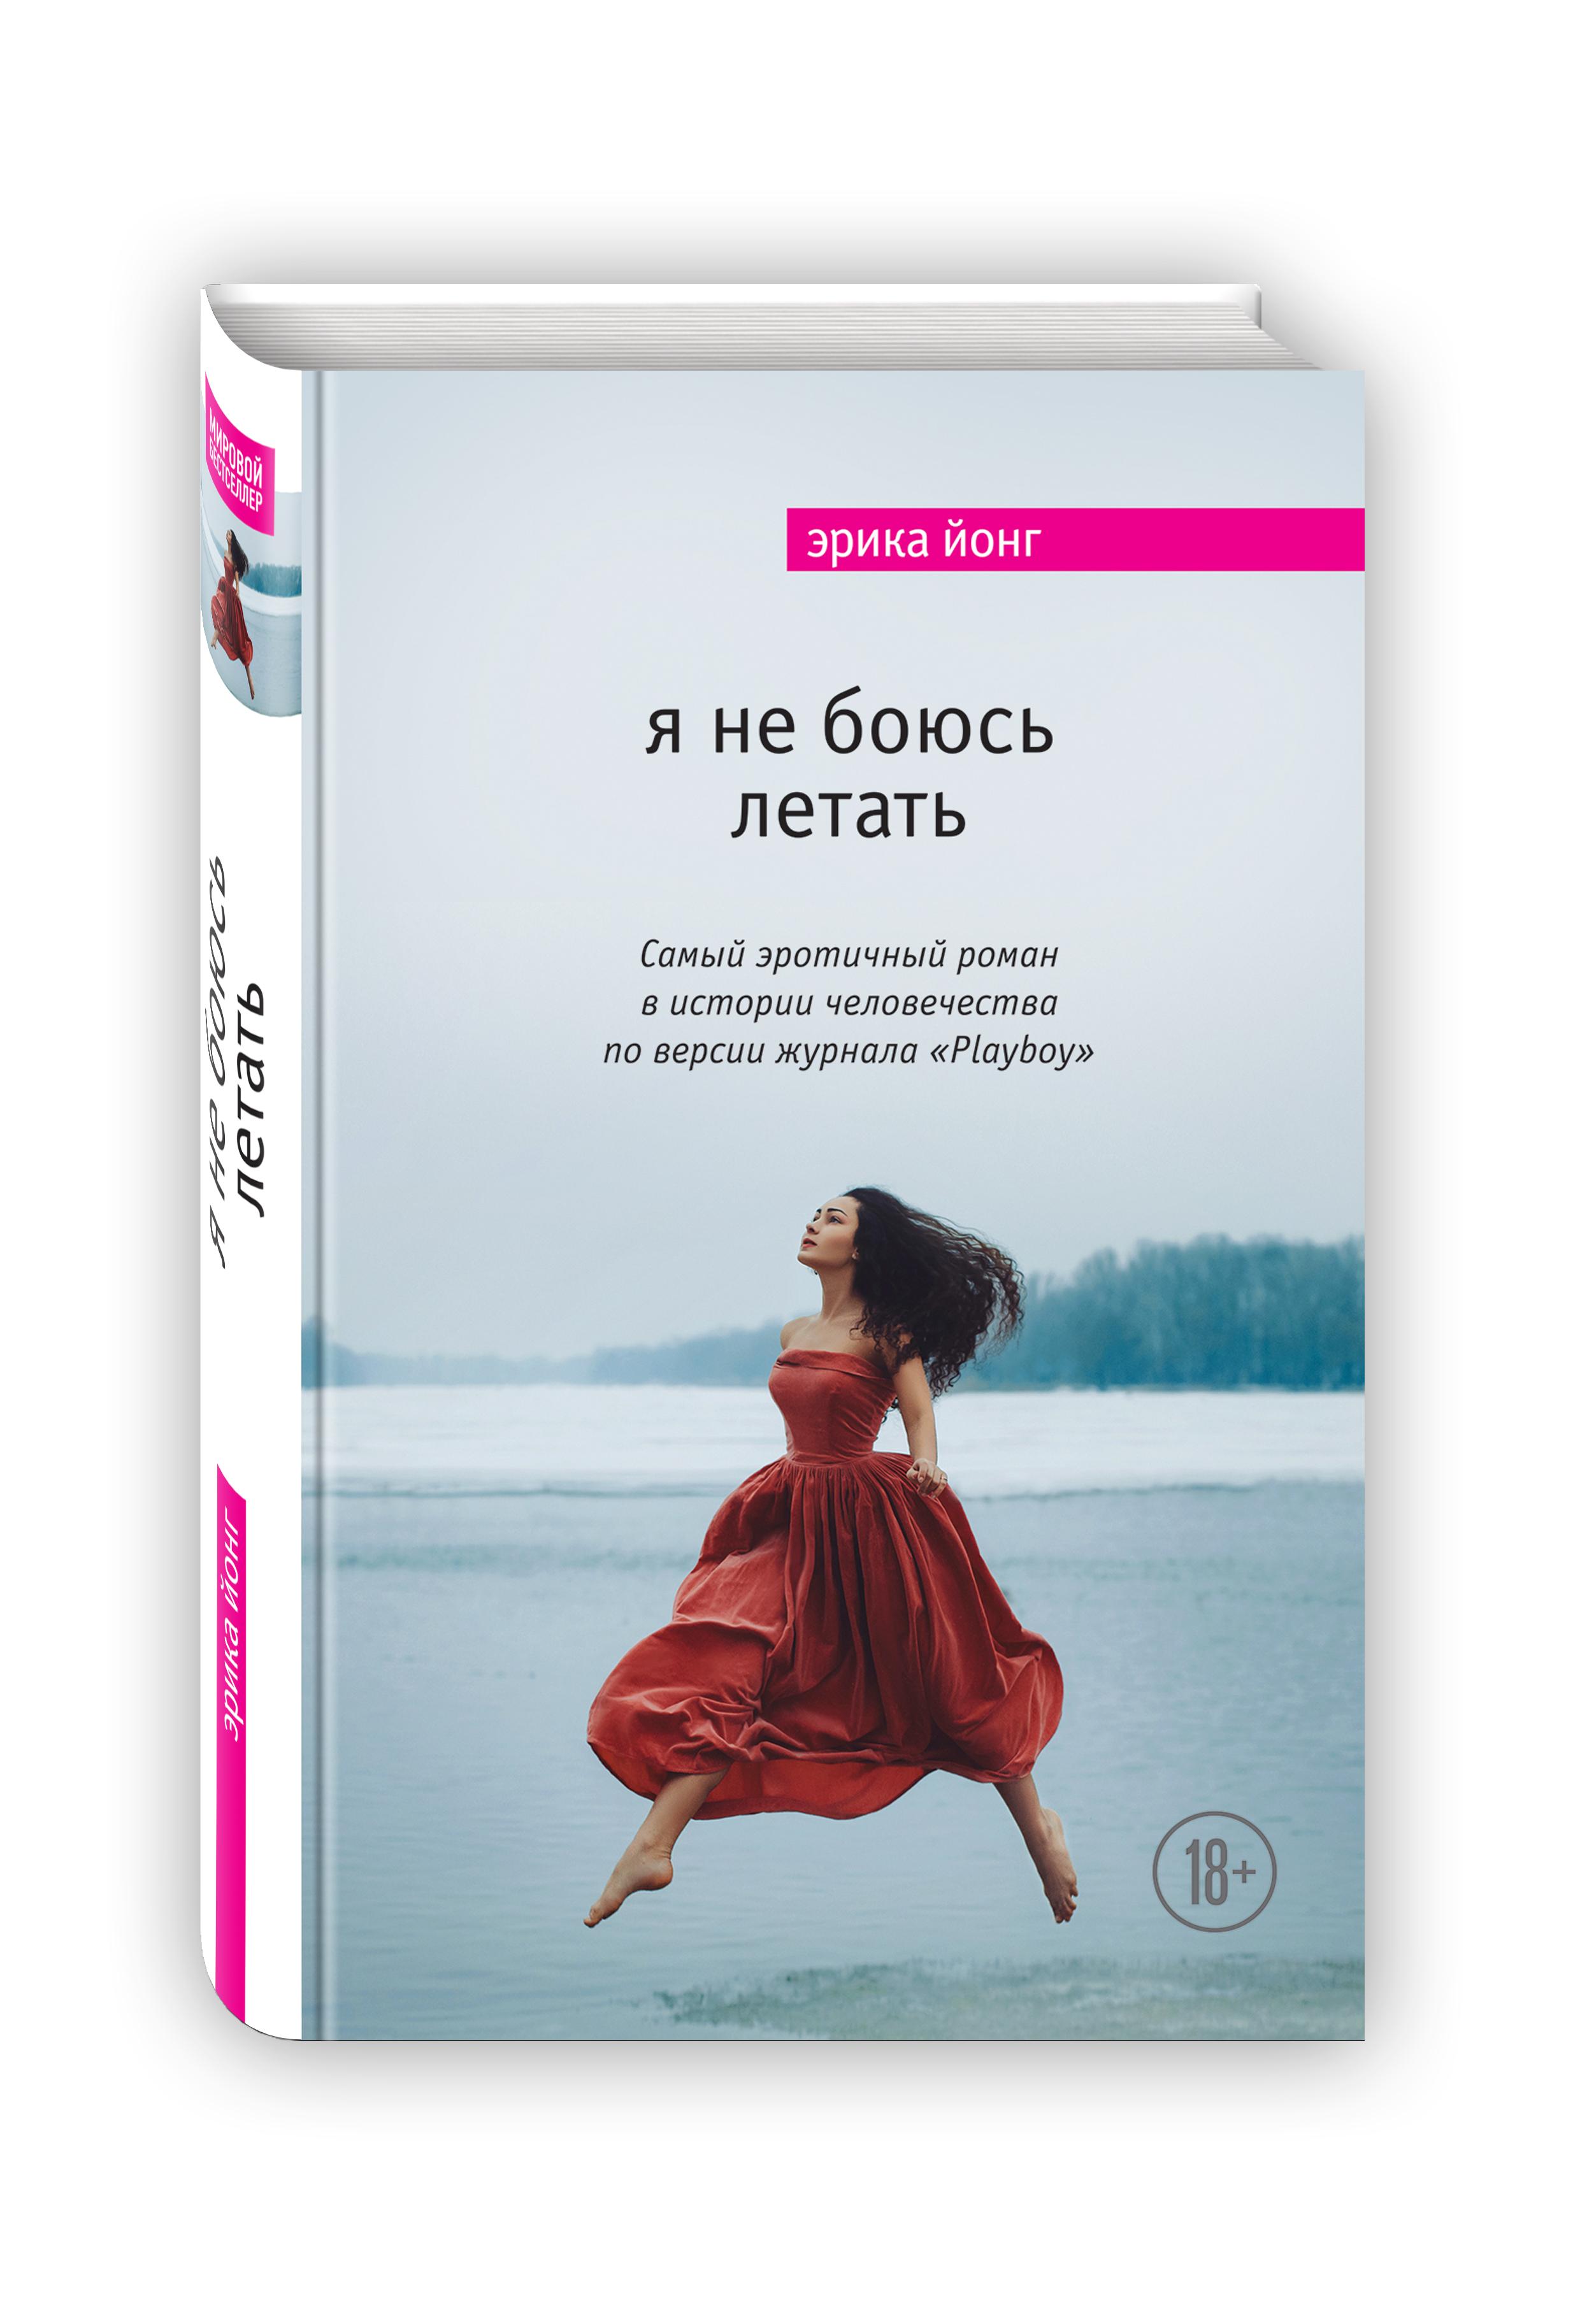 Йонг Э., Келби Н.М. Смелые и дерзкие (комплект из 2 книг)